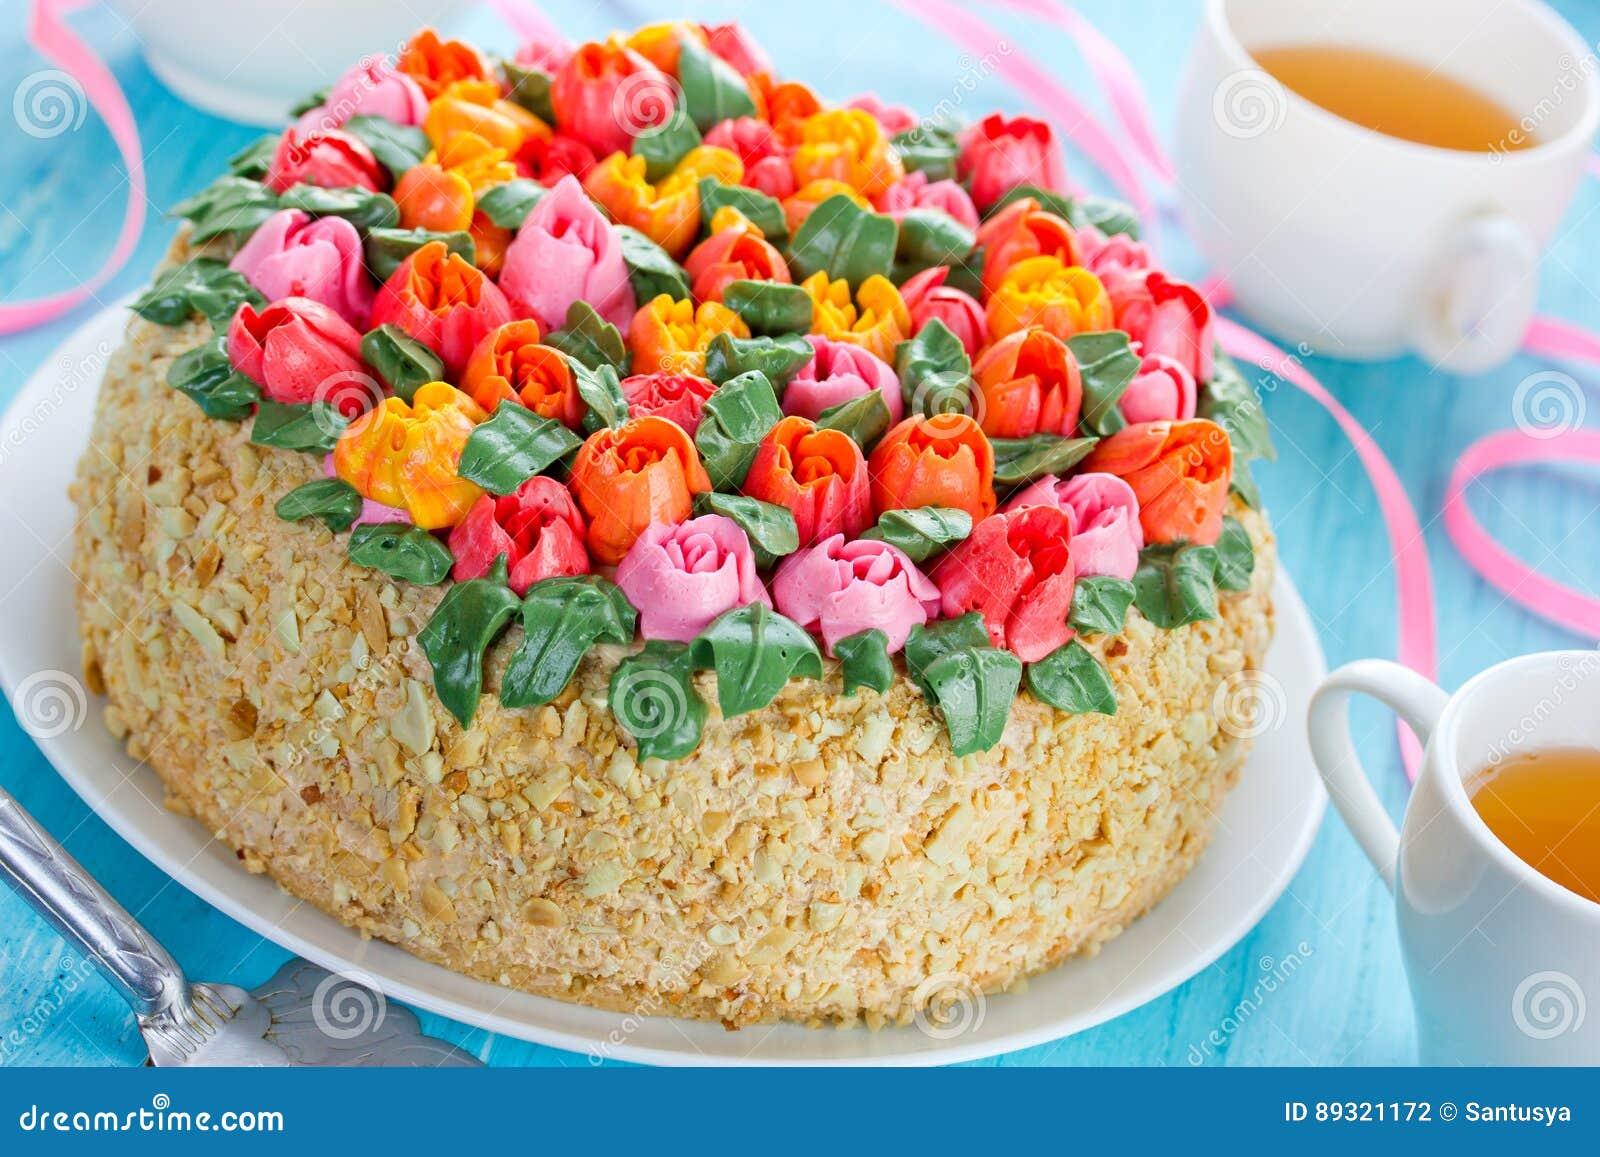 Beautiful flower cake buttercream tulip bouquet cake springti download beautiful flower cake buttercream tulip bouquet cake springti stock photo image of izmirmasajfo